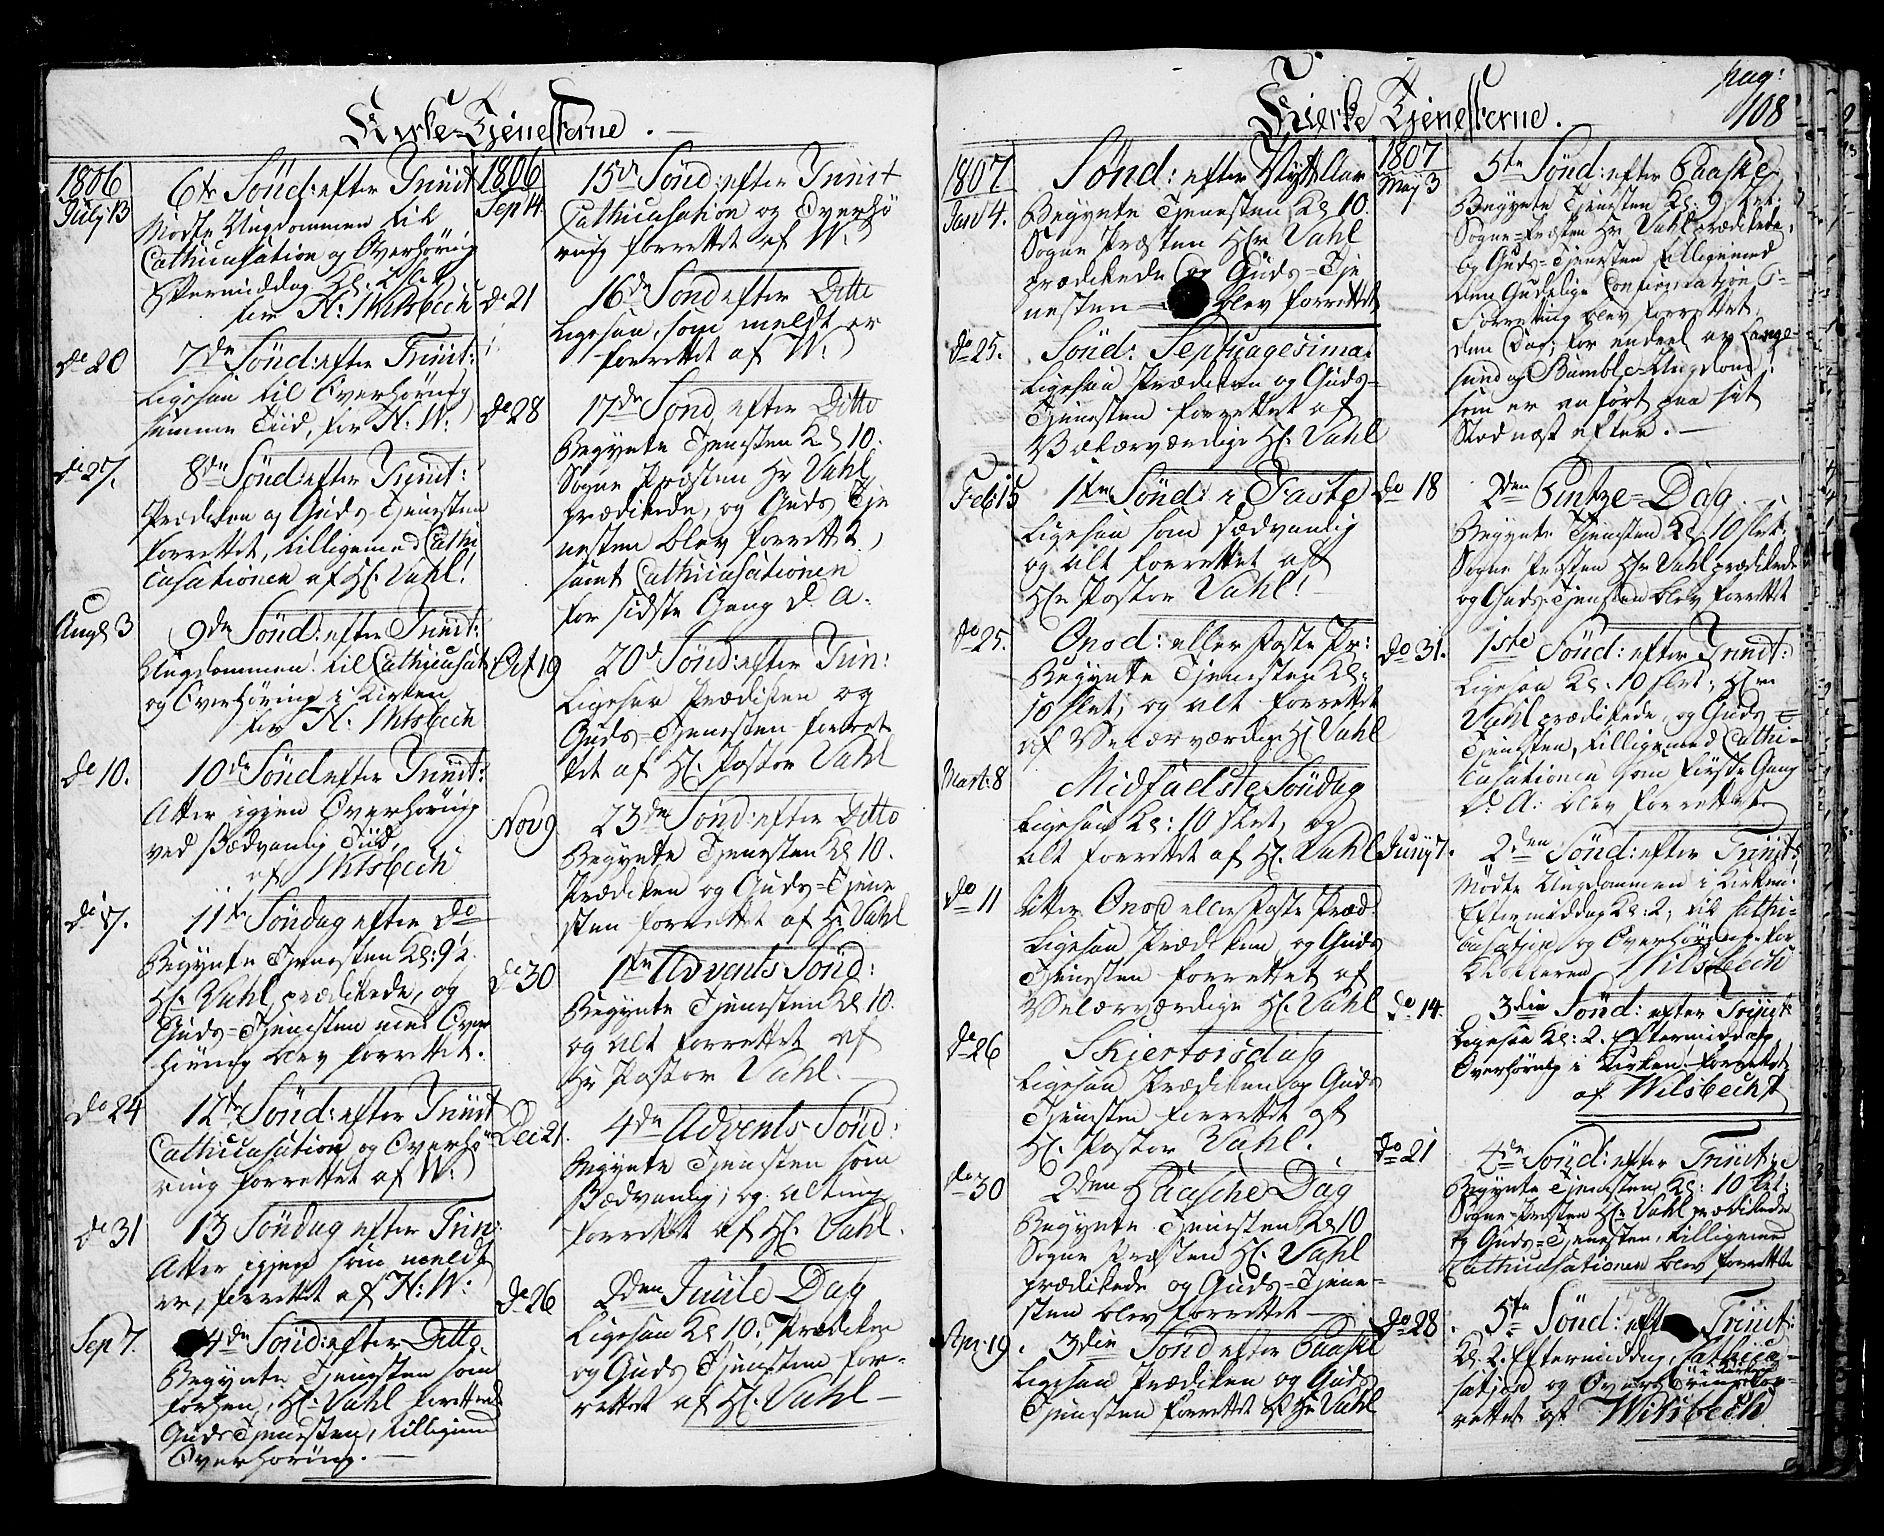 SAKO, Langesund kirkebøker, G/Ga/L0002: Klokkerbok nr. 2, 1801-1815, s. 108